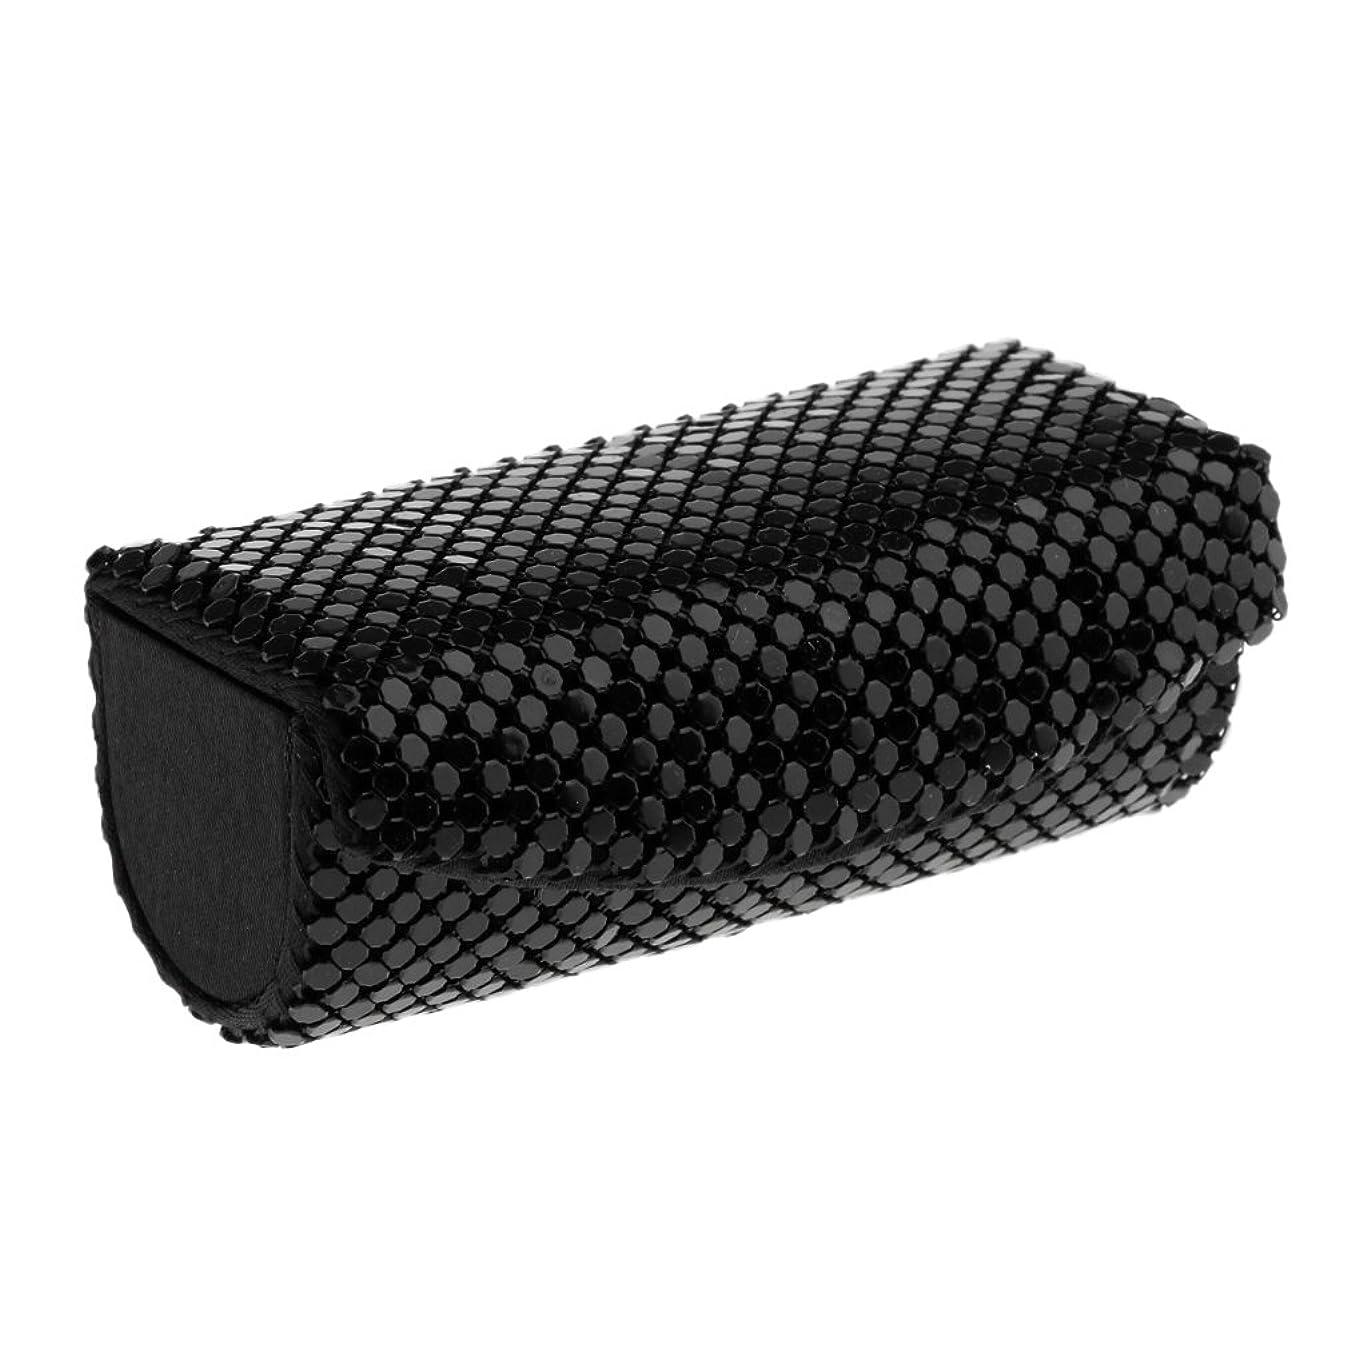 言い聞かせるファイバ薄いですPerfk 化粧収納ケース コスメ収納 リップスティック リップグロス オイル 口紅 収納ケース 四葉のクローバー ミラー 付き メイクアップ 6色選べる - ブラック